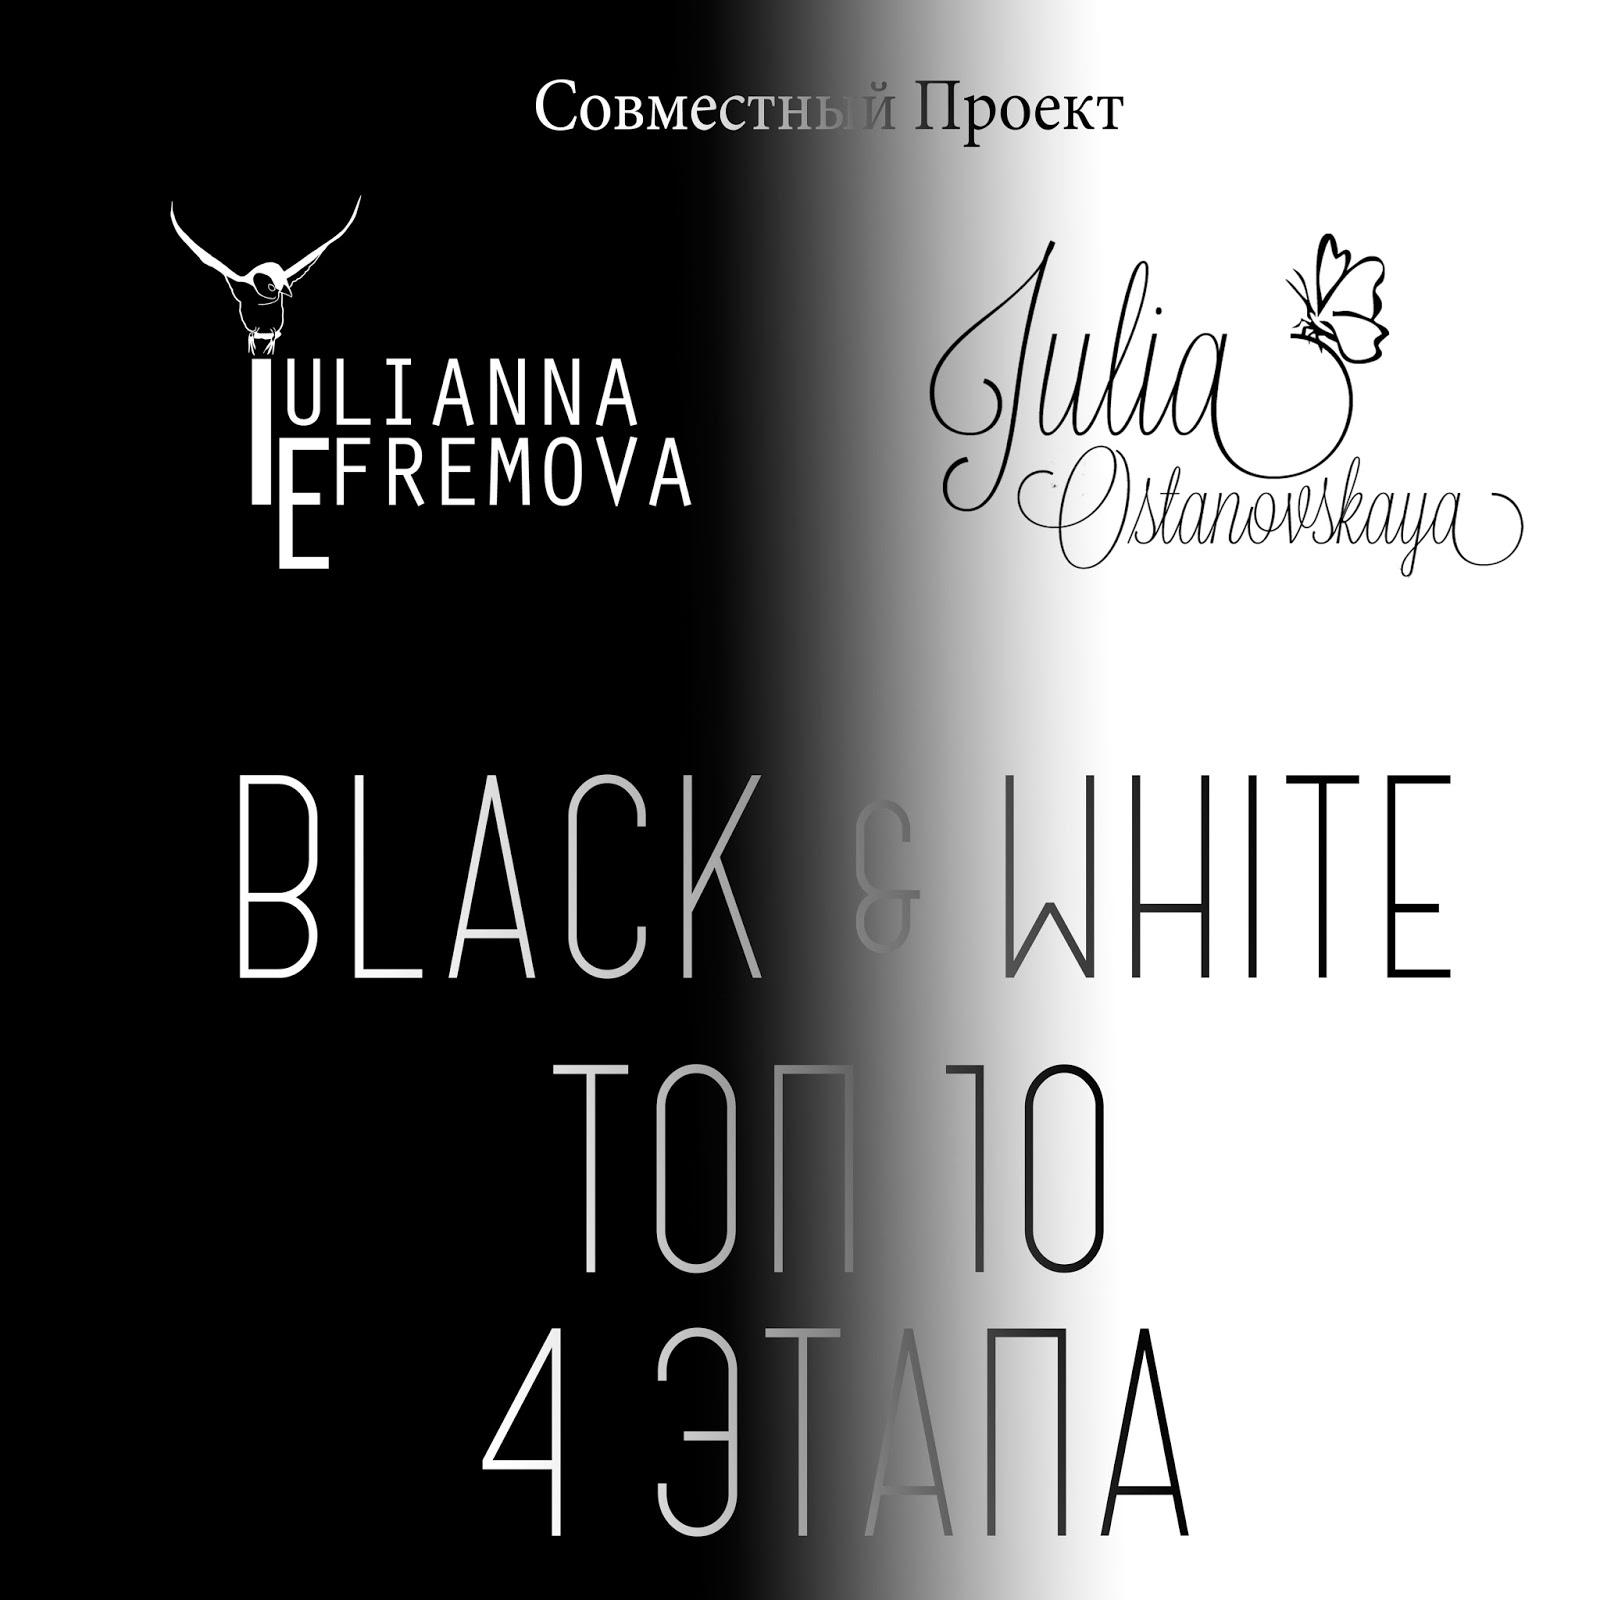 ТОП 4 этапа СП Black & White!